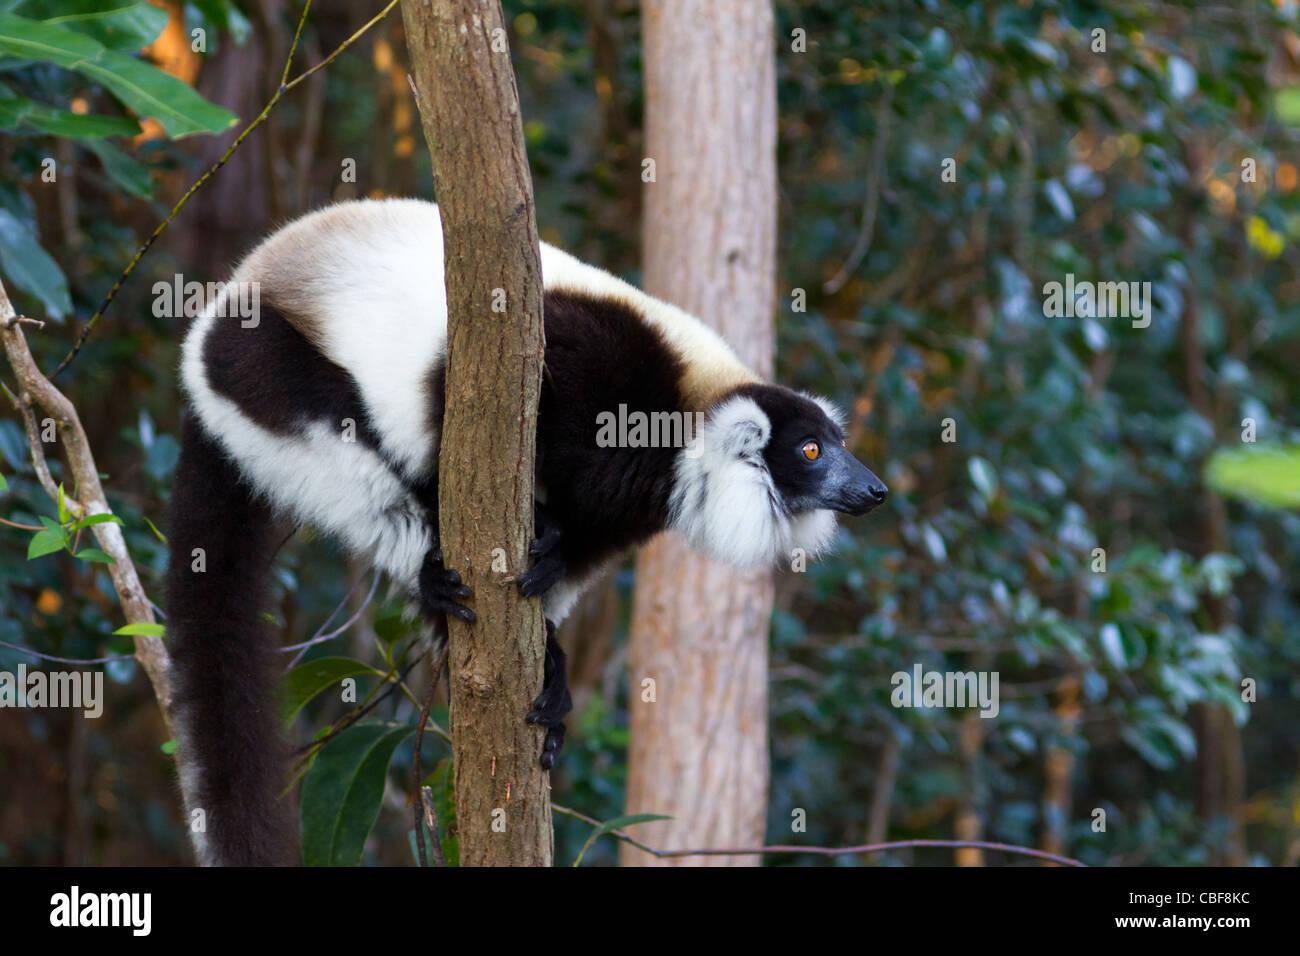 black-and-white ruffed lemur on tree, Andasibe region; Madagascar - Stock Image